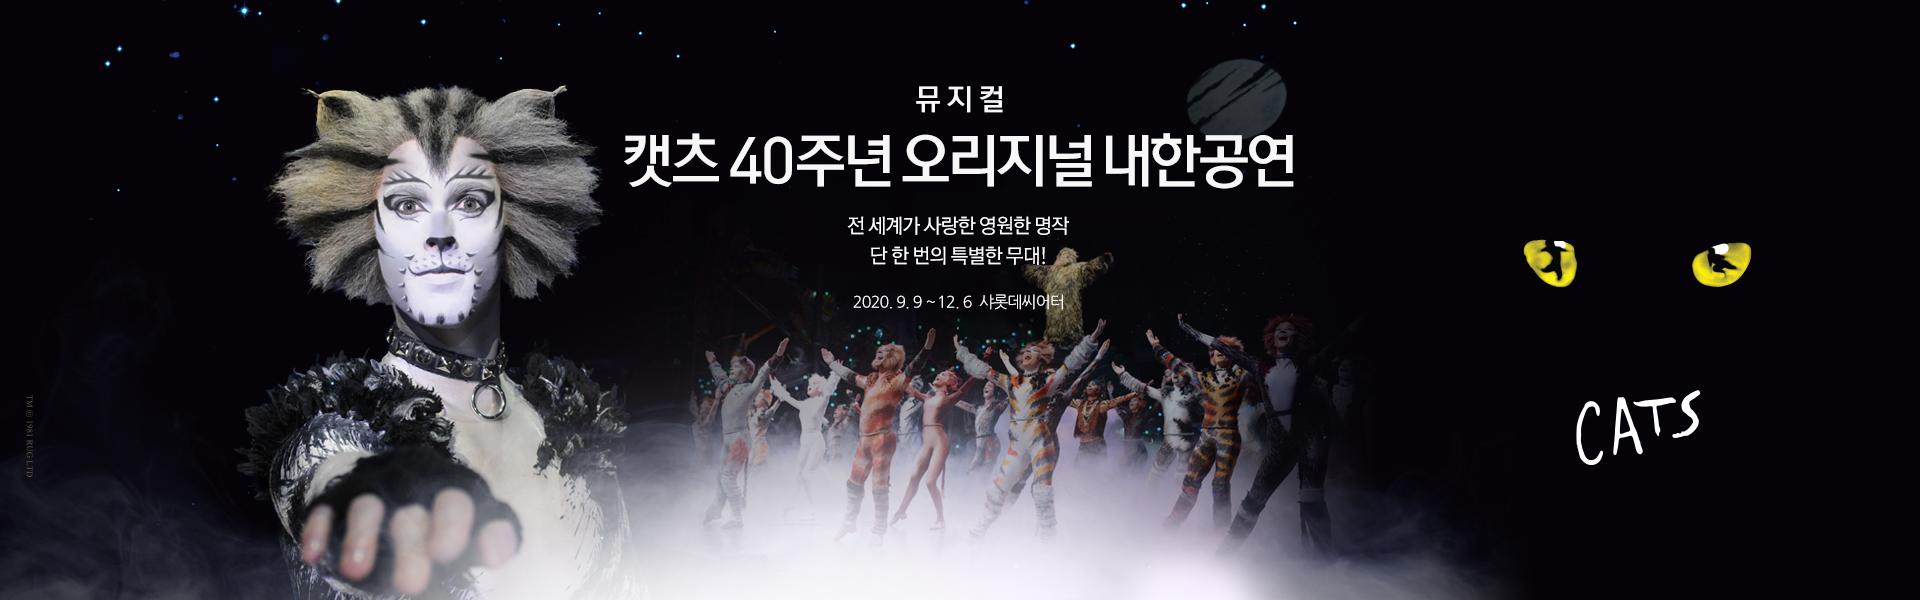 뮤지컬 <캣츠> 40주년 내한공연 - 서울 (Musical